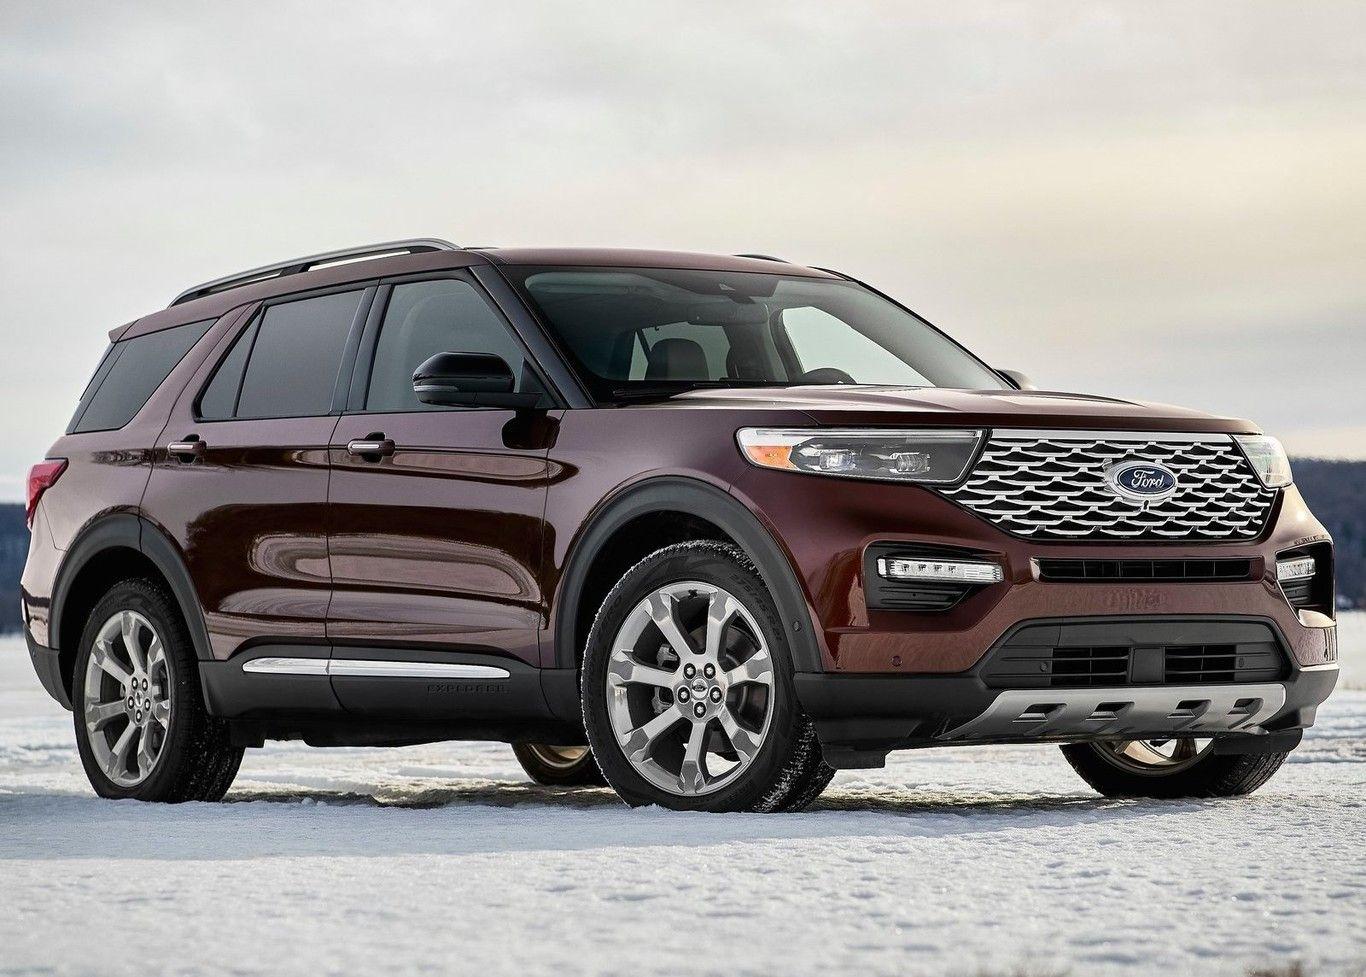 El Ford Explorer 2020 Vuelve A La Traccion Trasera Y Recibe Muchisima Tecnologia Ford Explorer Ford Traccion Trasera